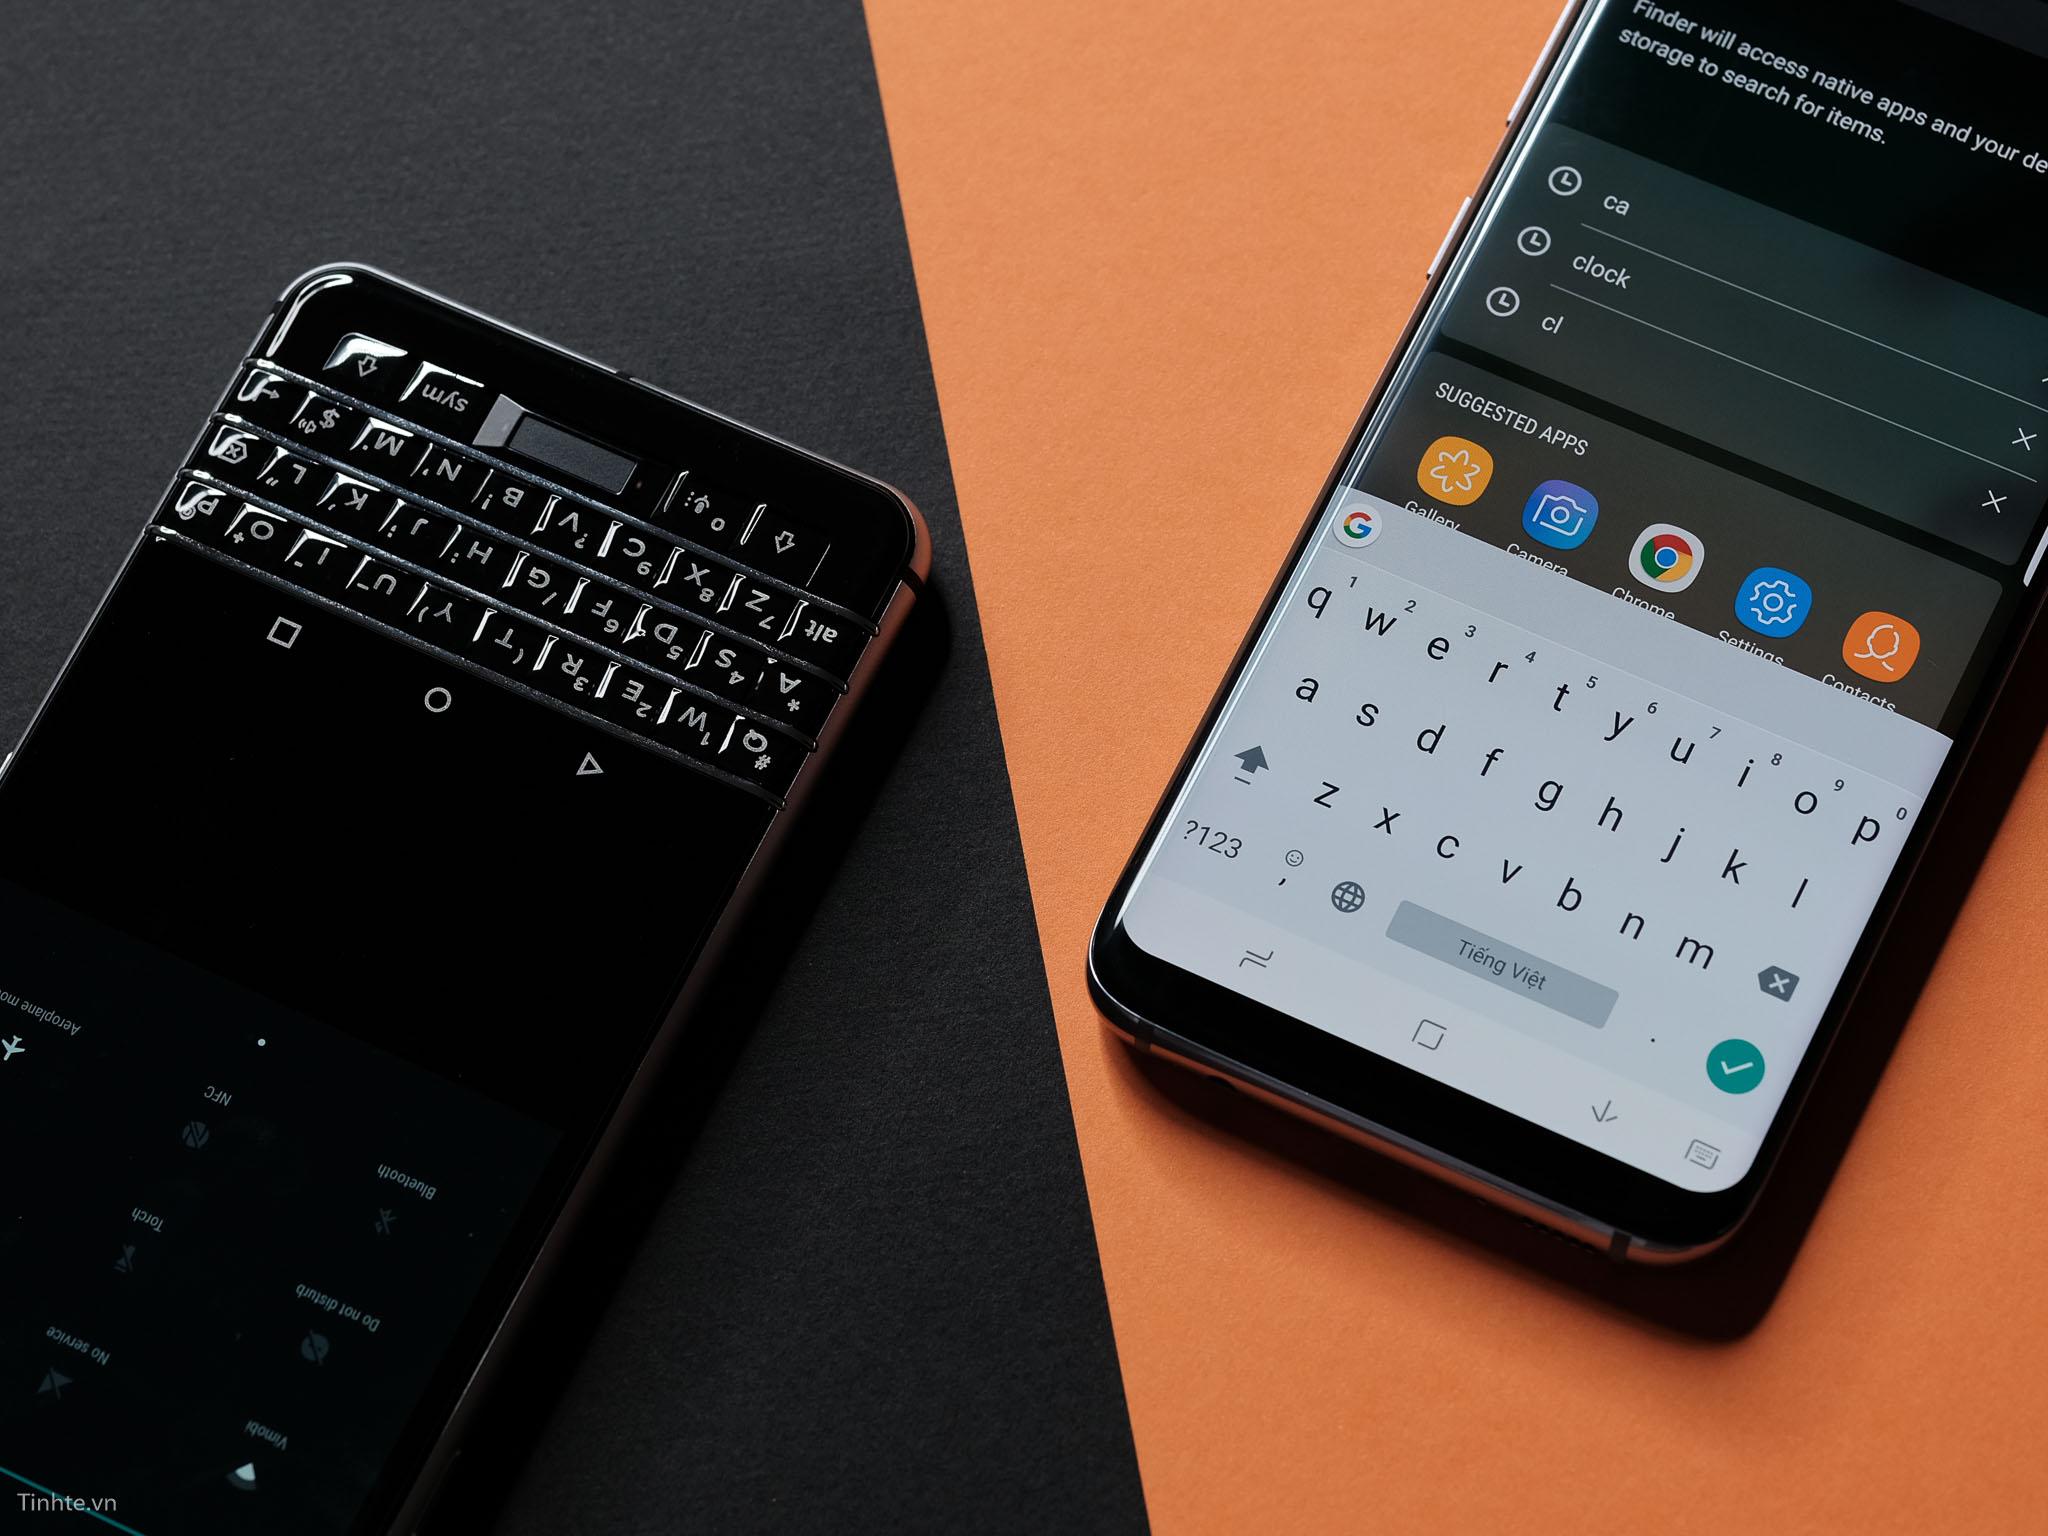 tinhte_anh_so_sanh_samsung_galaxy_s8_vs_blackberry_keyone_ (2).jpg